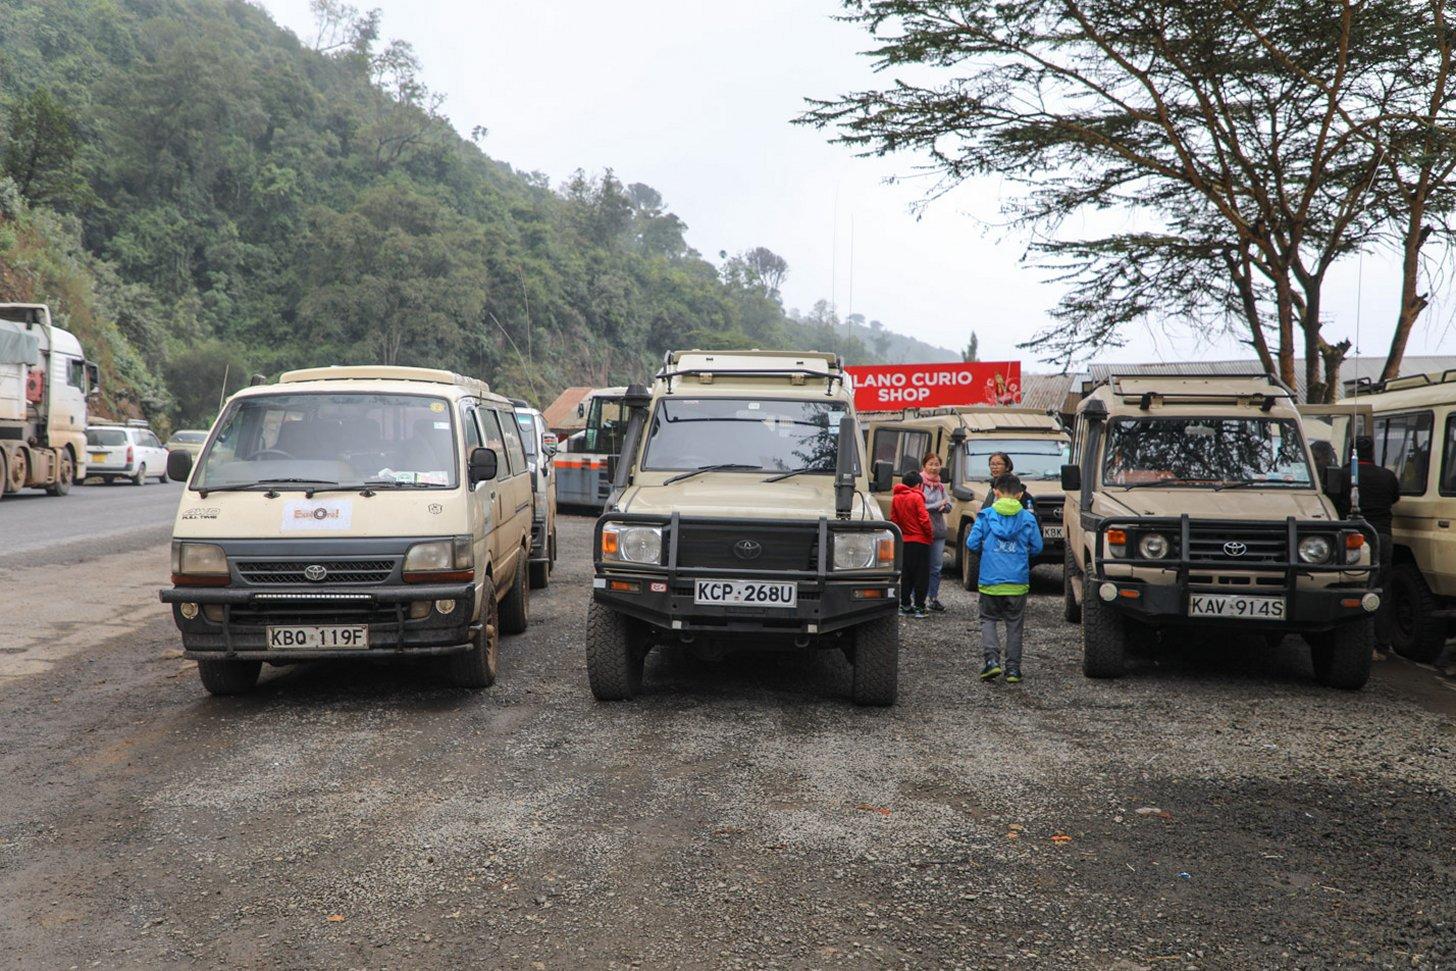 In Kenia wordt veel met busjes en 4x4 auto's gereden